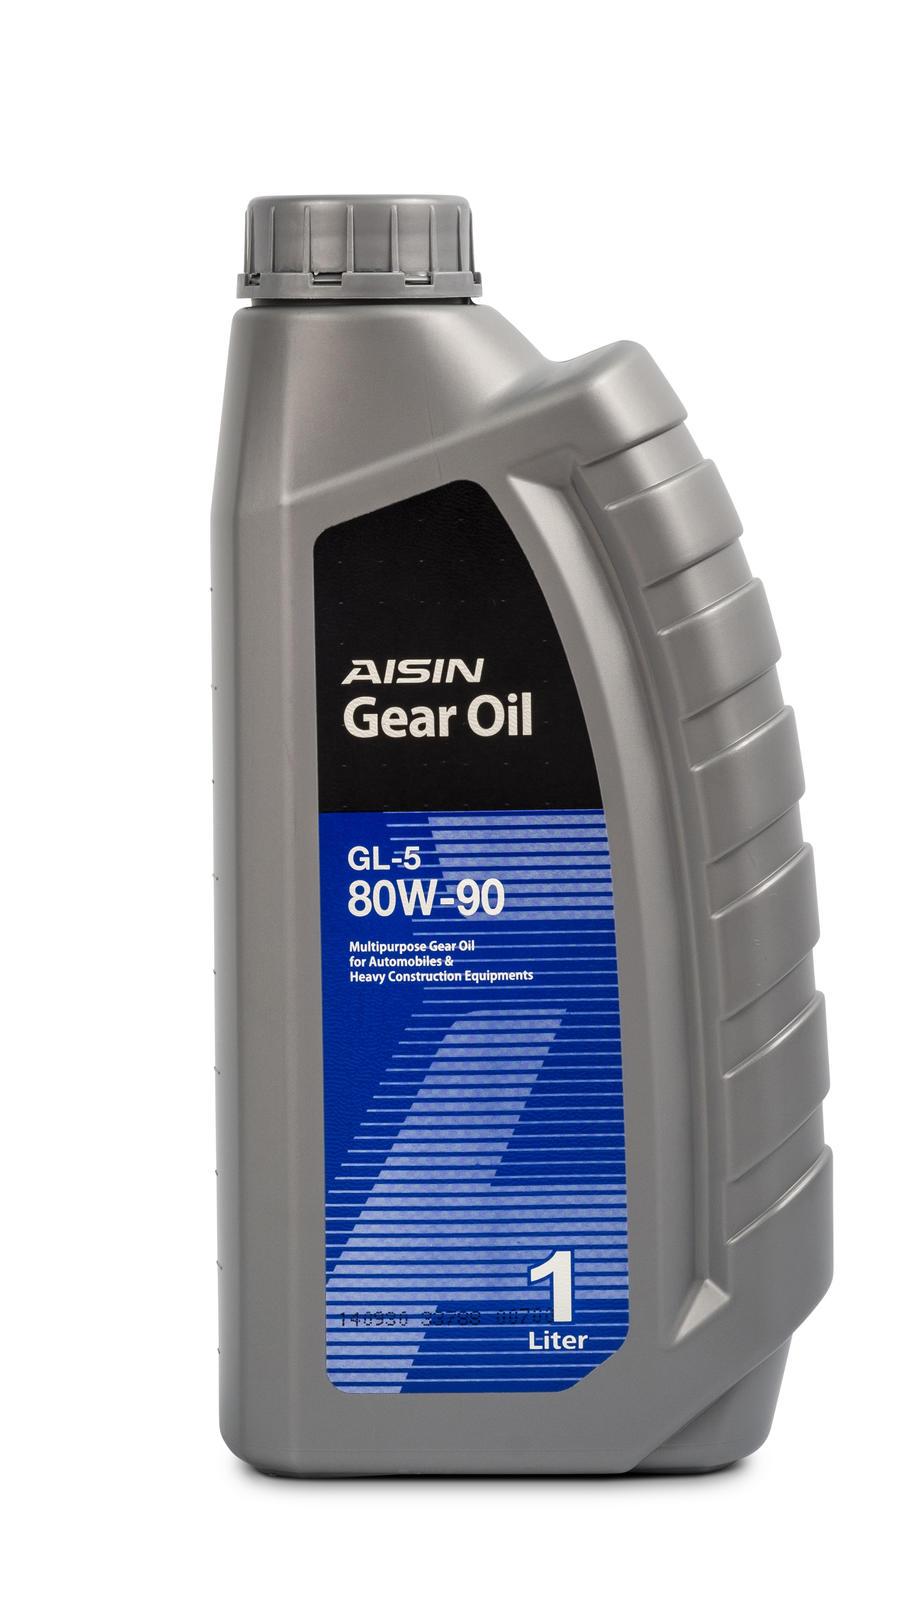 GL-5 80W-90 Gear Oil